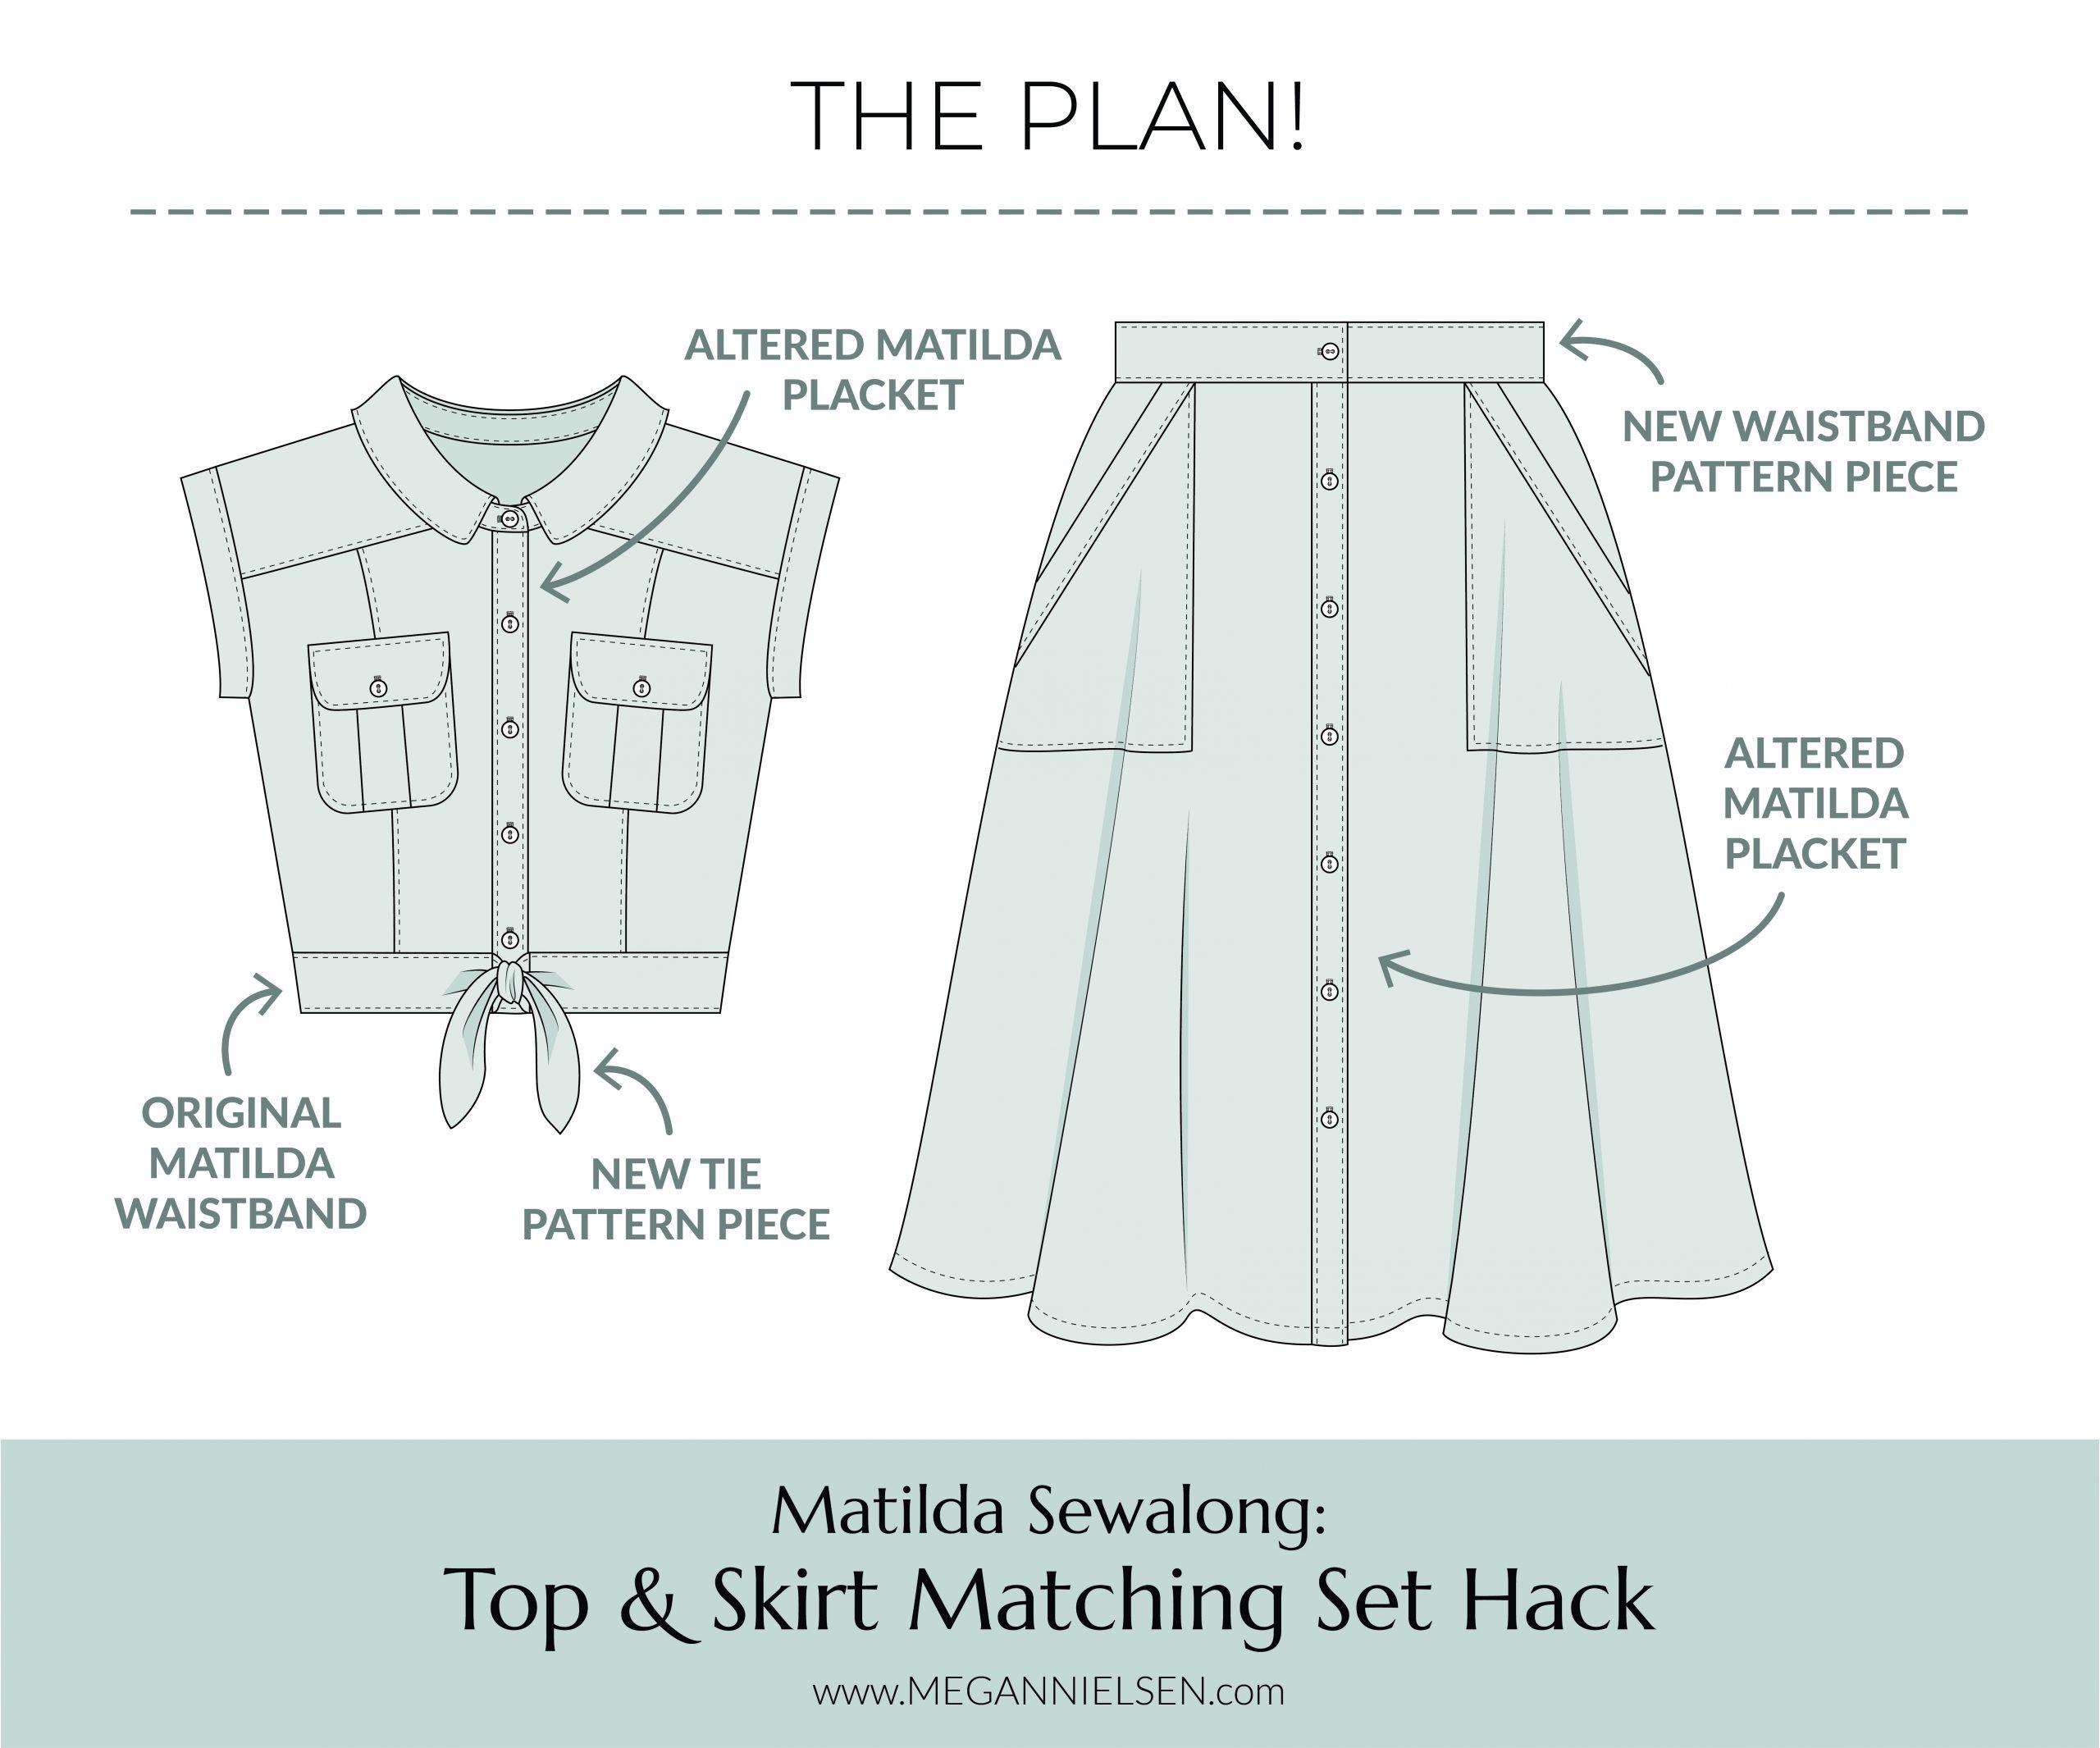 Megan Nielsen Patterns   Matilda Sewalong: Matching Set Hack   The Plan